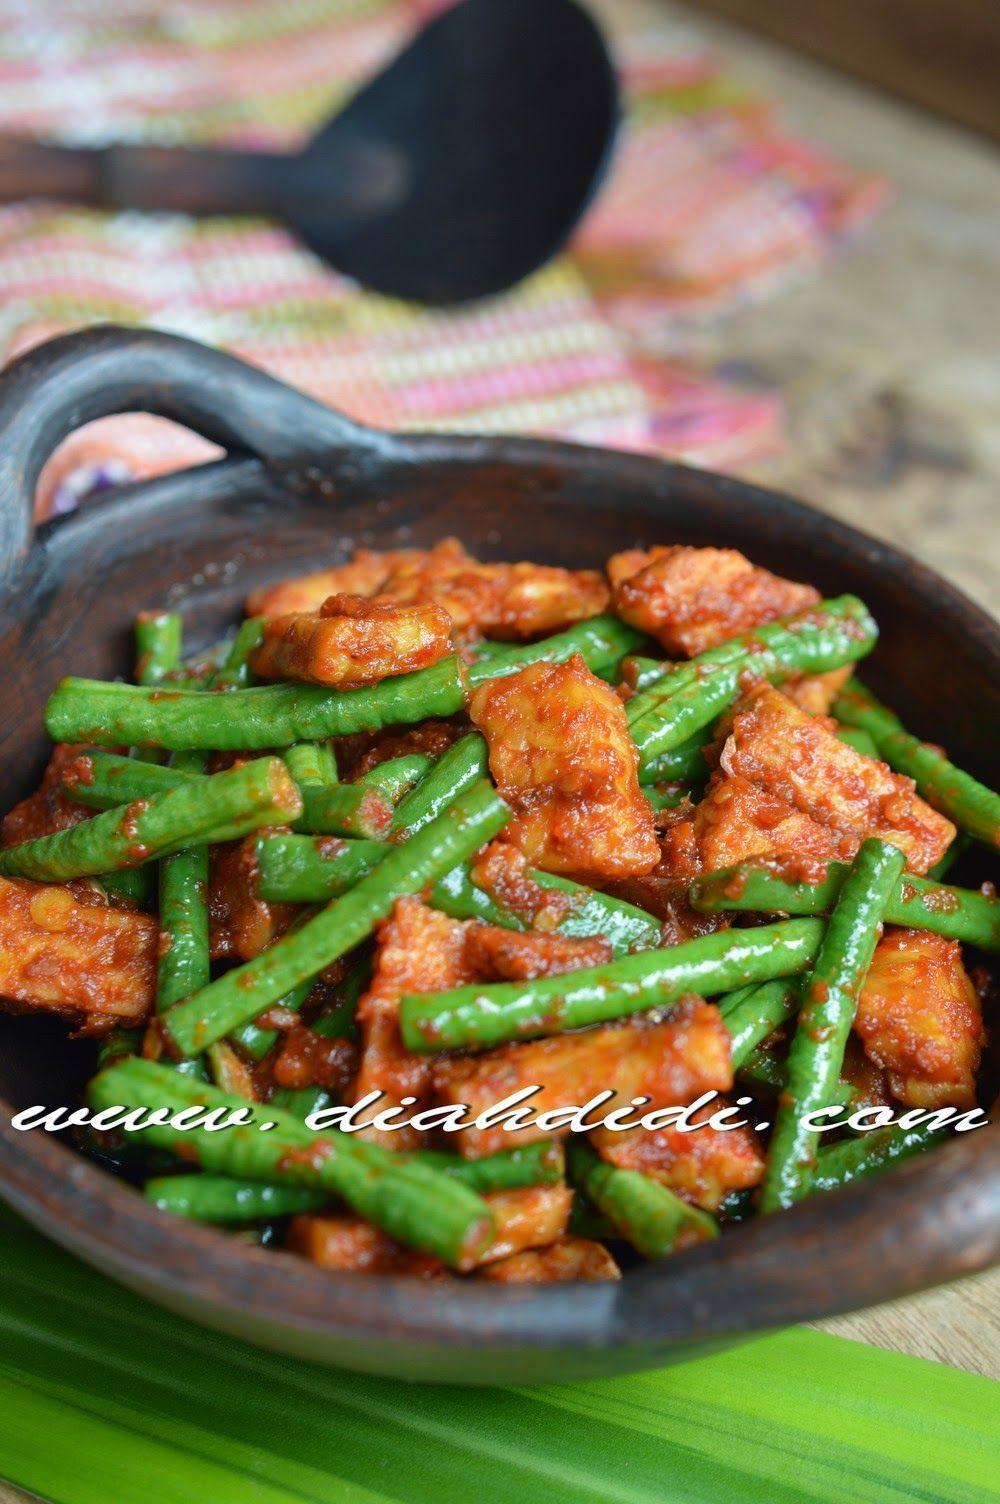 Resep Oseng Tempe Kacang Panjang Oleh Maplesong Resep Kacang Memasak Makanan